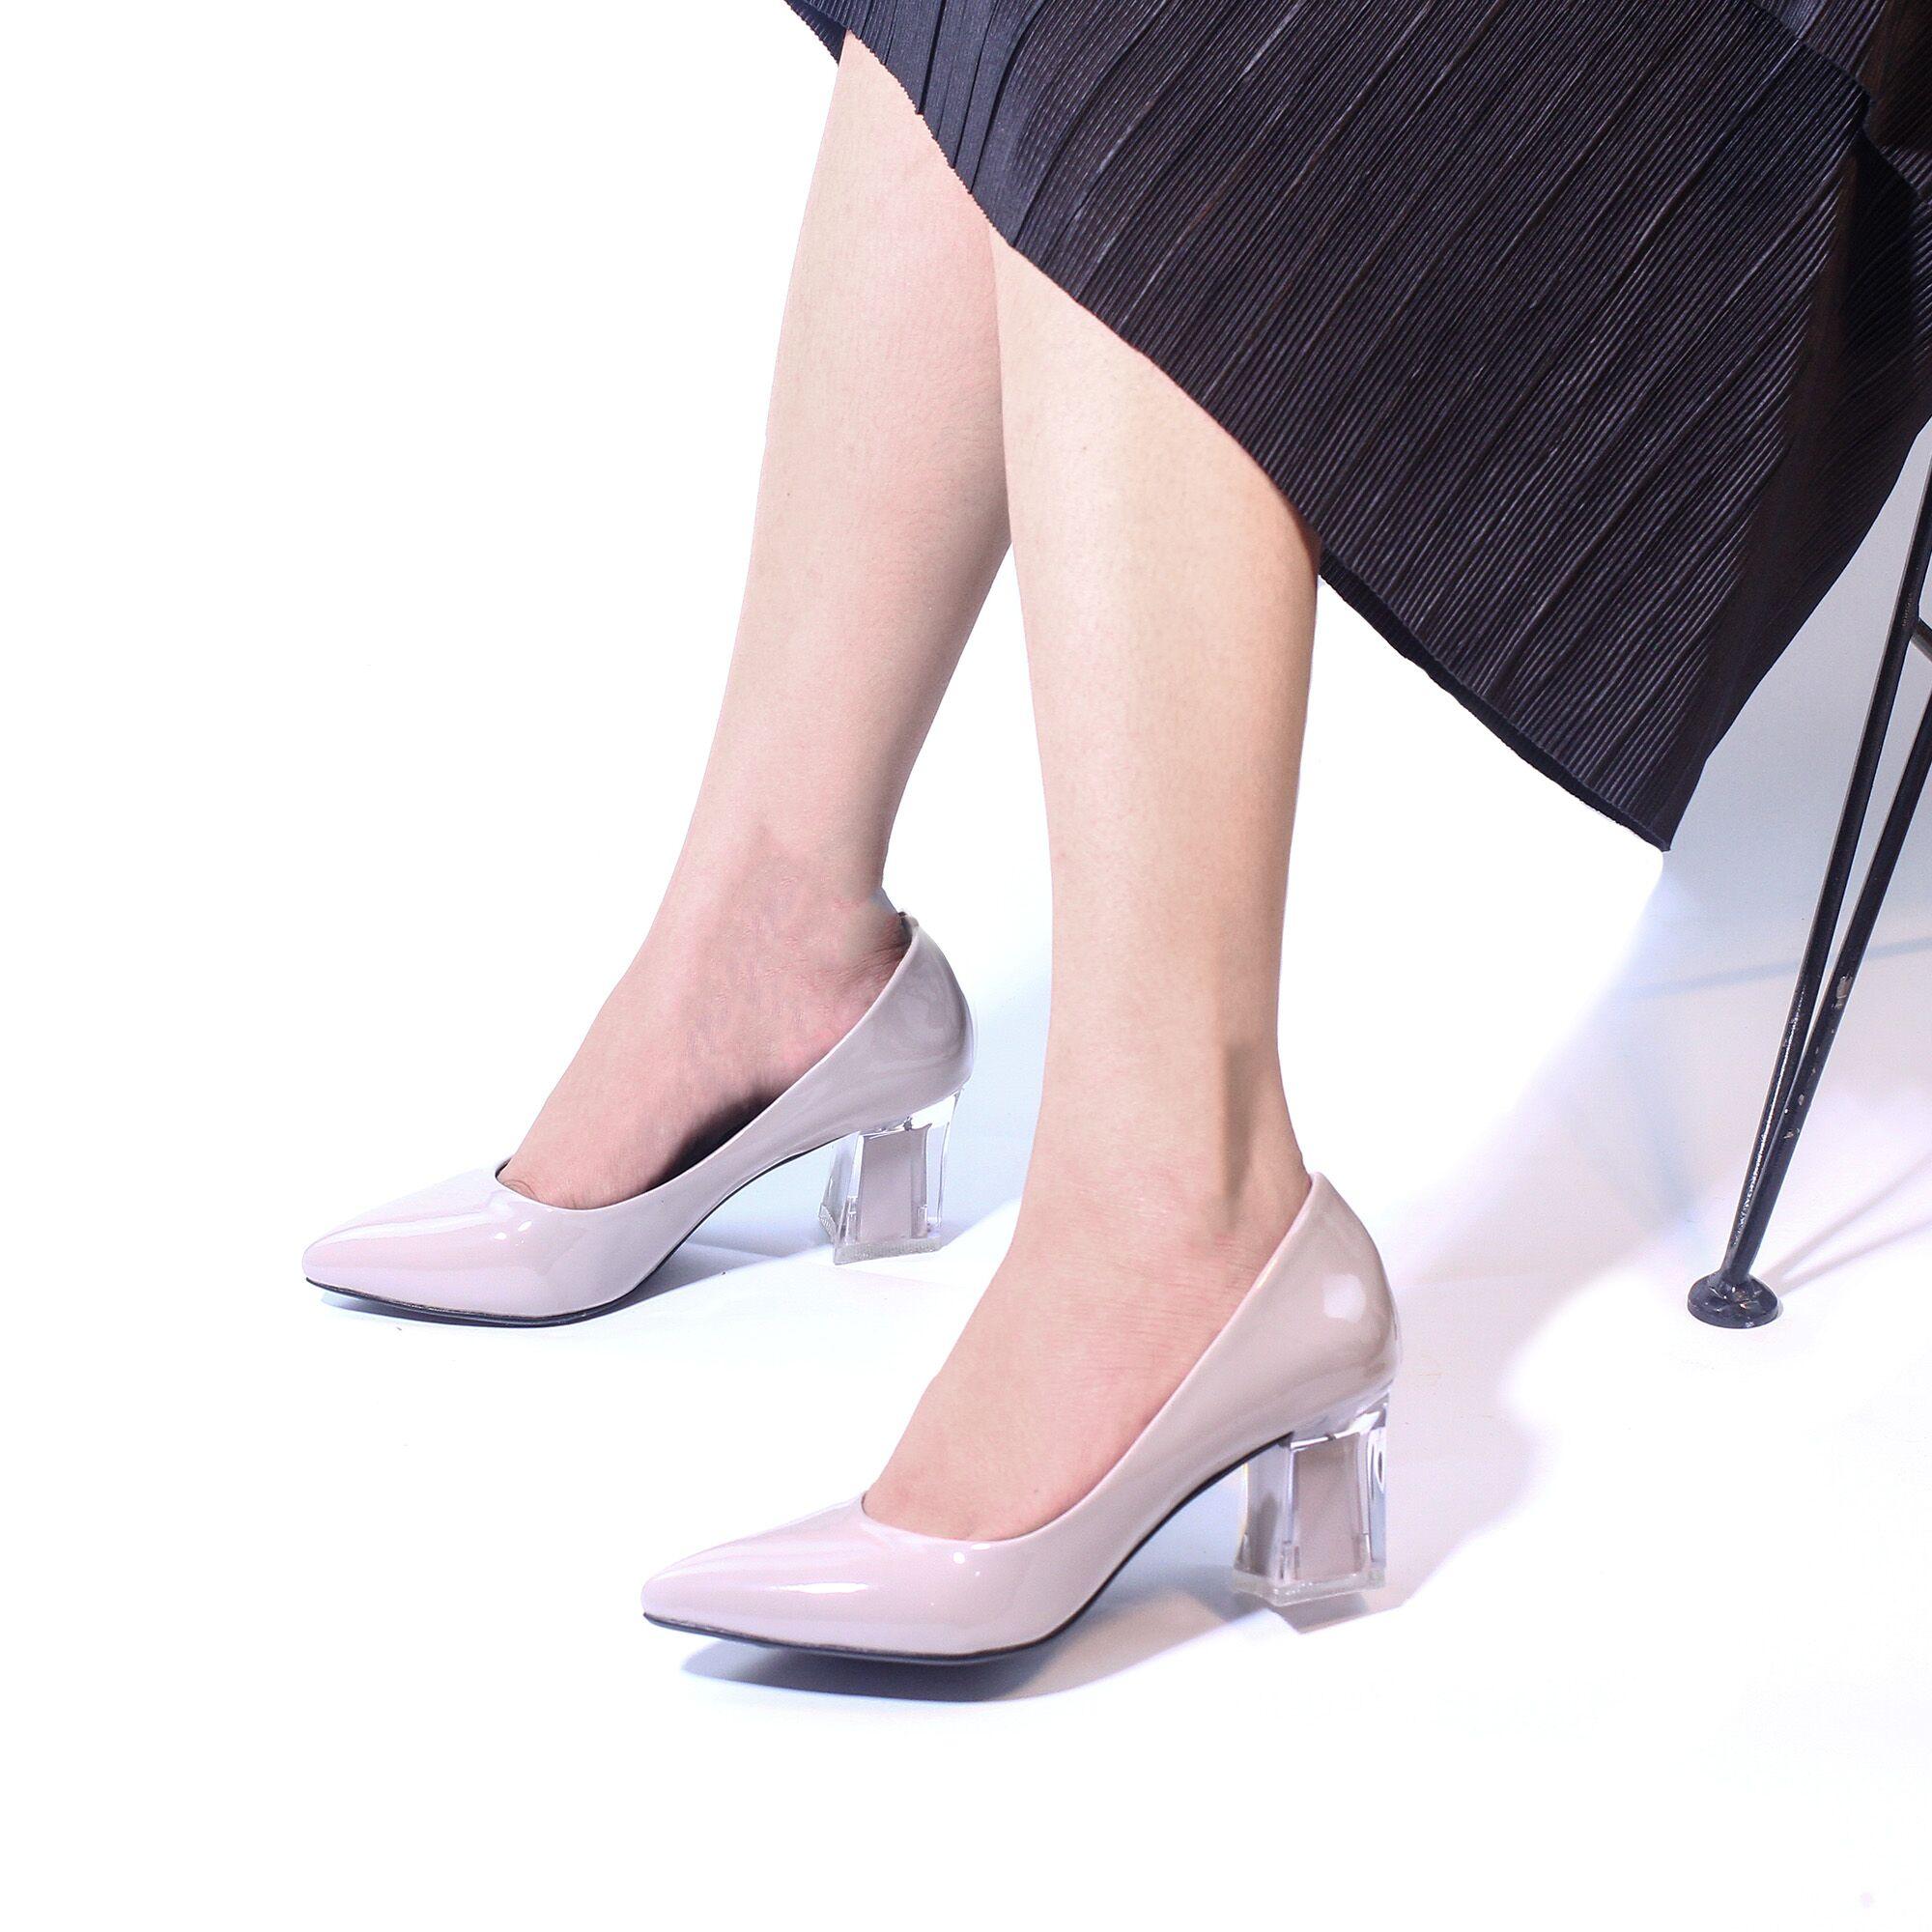 Giày Cao Gót 5cm Mũi Nhọn Gót Mica Pixie P006 Giá Rẻ Bất Ngờ